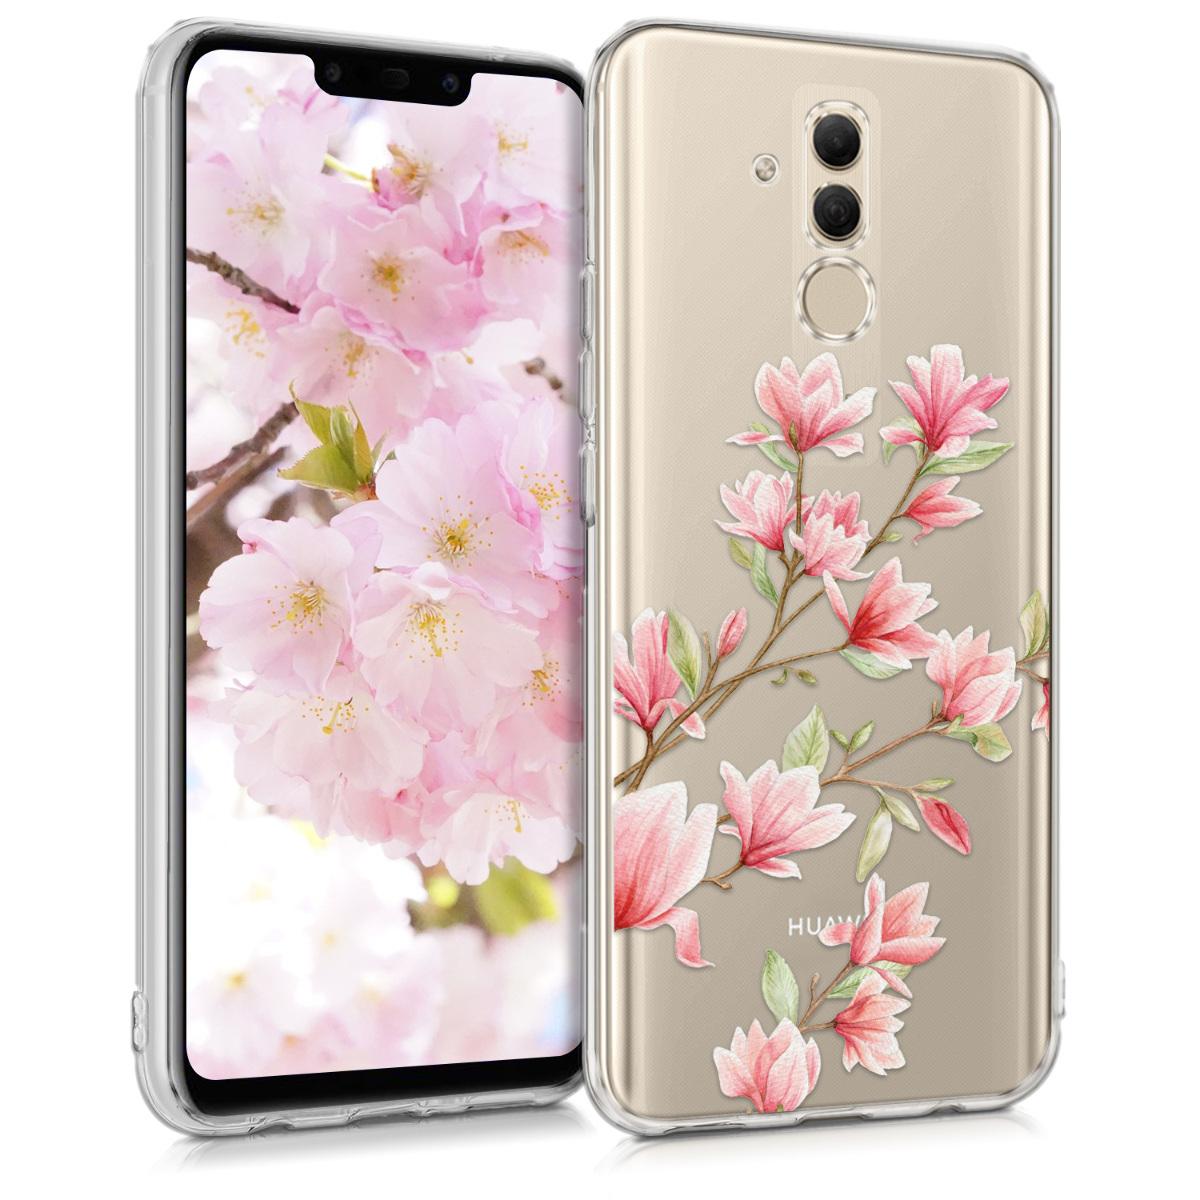 KW Θήκη Σιλικόνης Huawei Mate 20 Lite - Magnolias Pink White (46200.03)